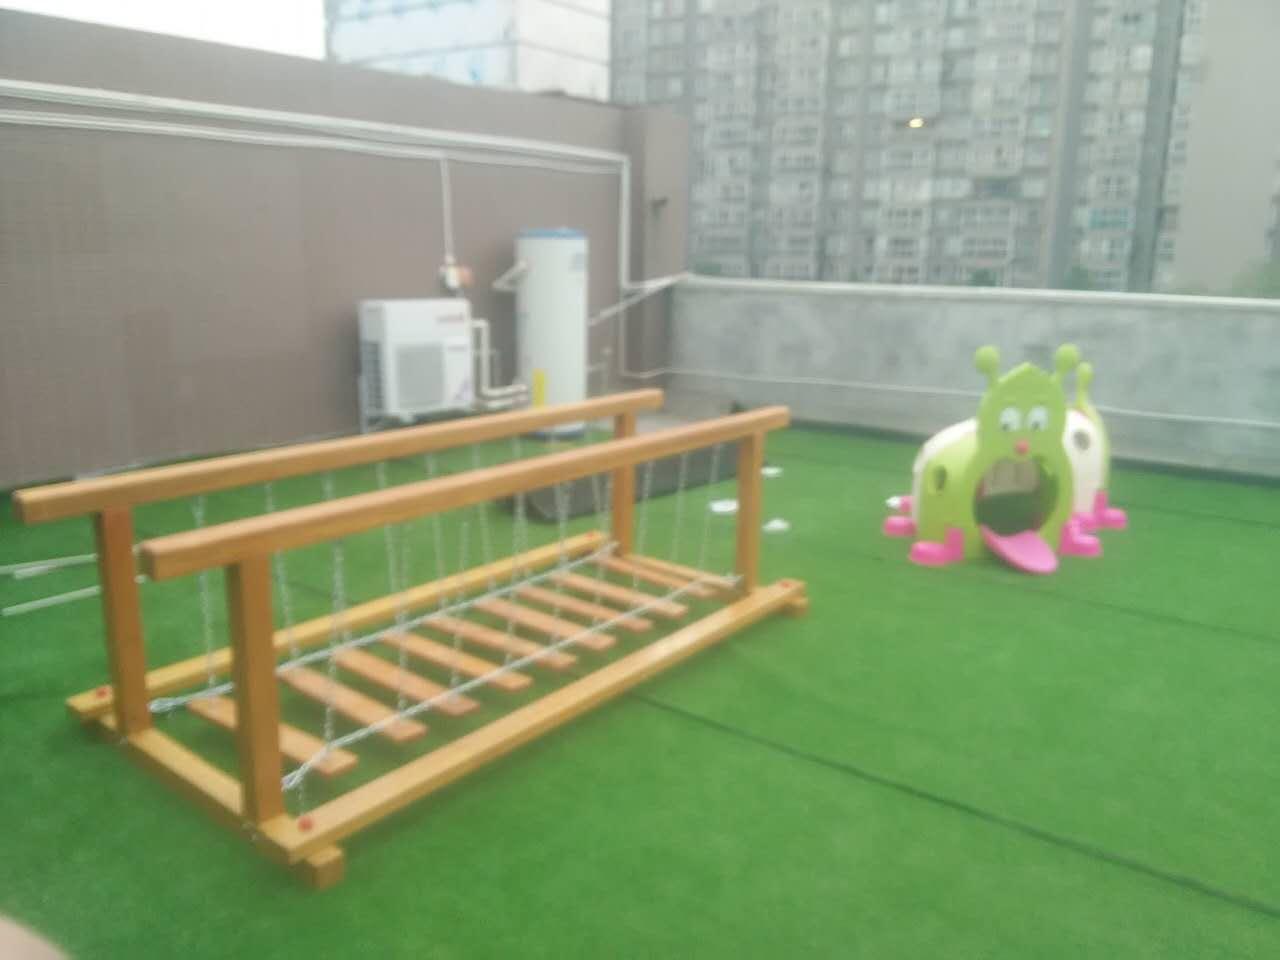 防腐木儿童滑梯厂,成都幼儿园木制滑滑梯,儿童梭梭板